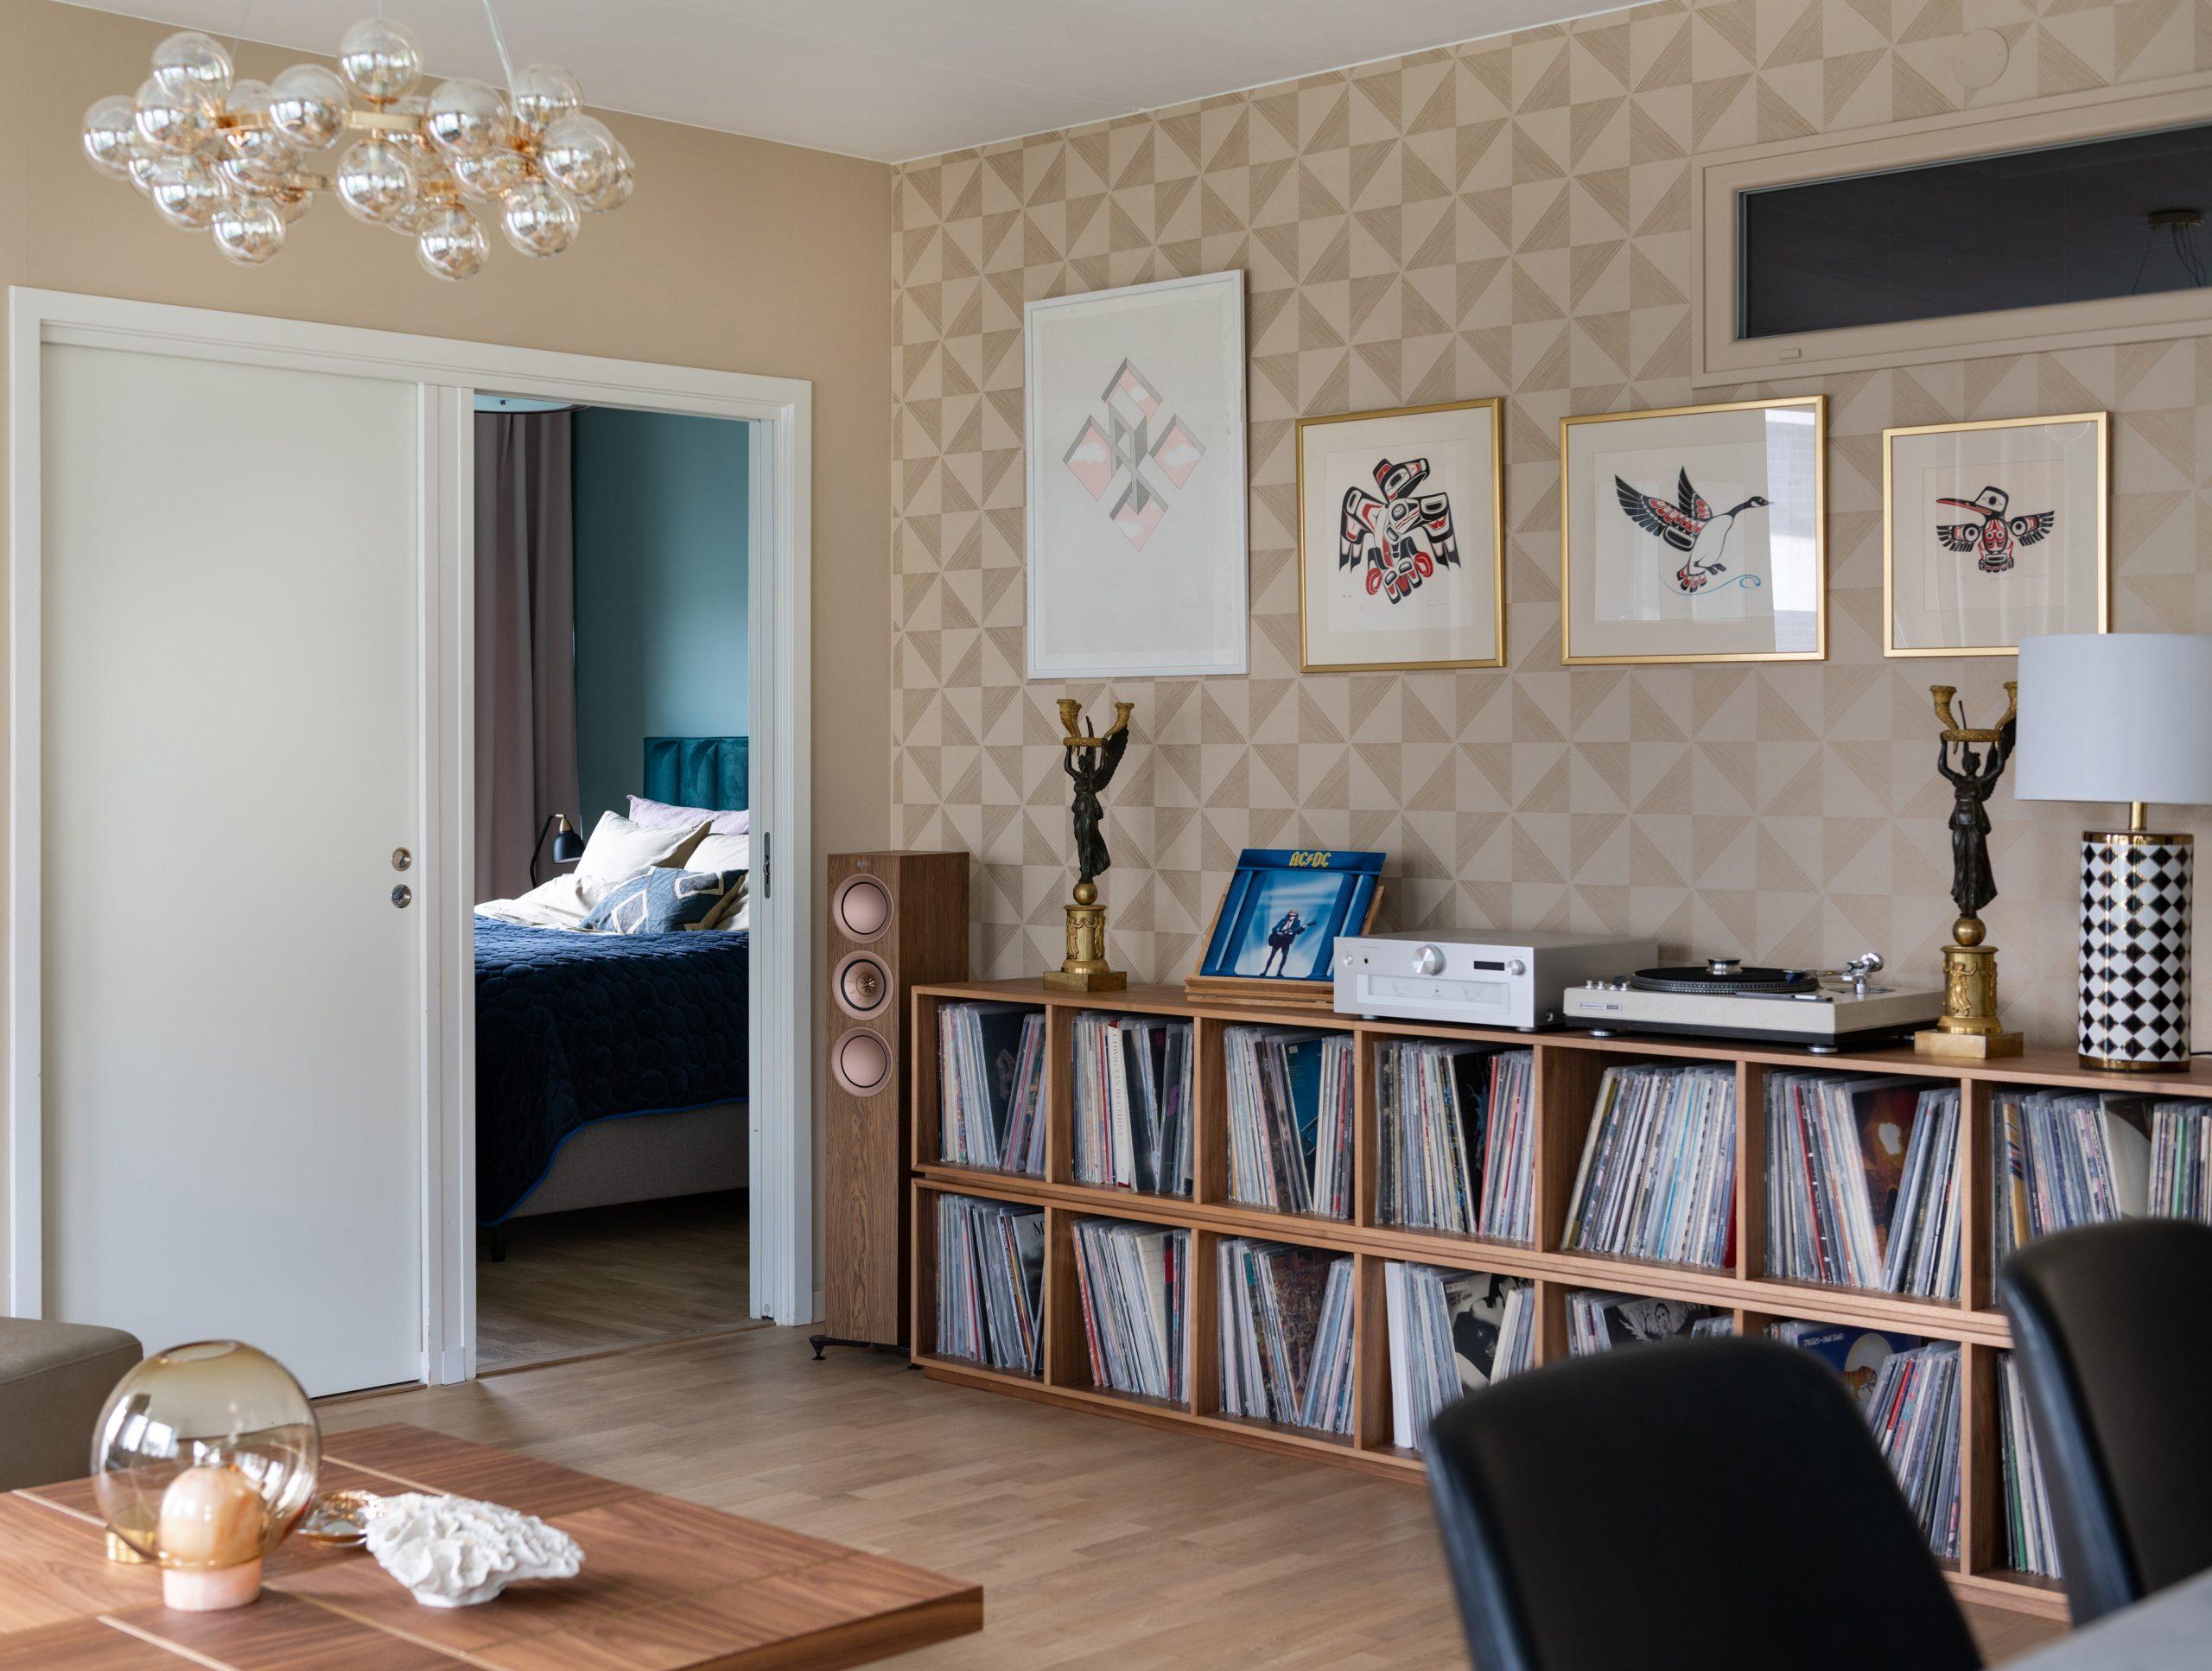 Vinylförvaring platsbyggd i valnöt, vardagsrum, taklampa, glas, bordslampa, soffbord.